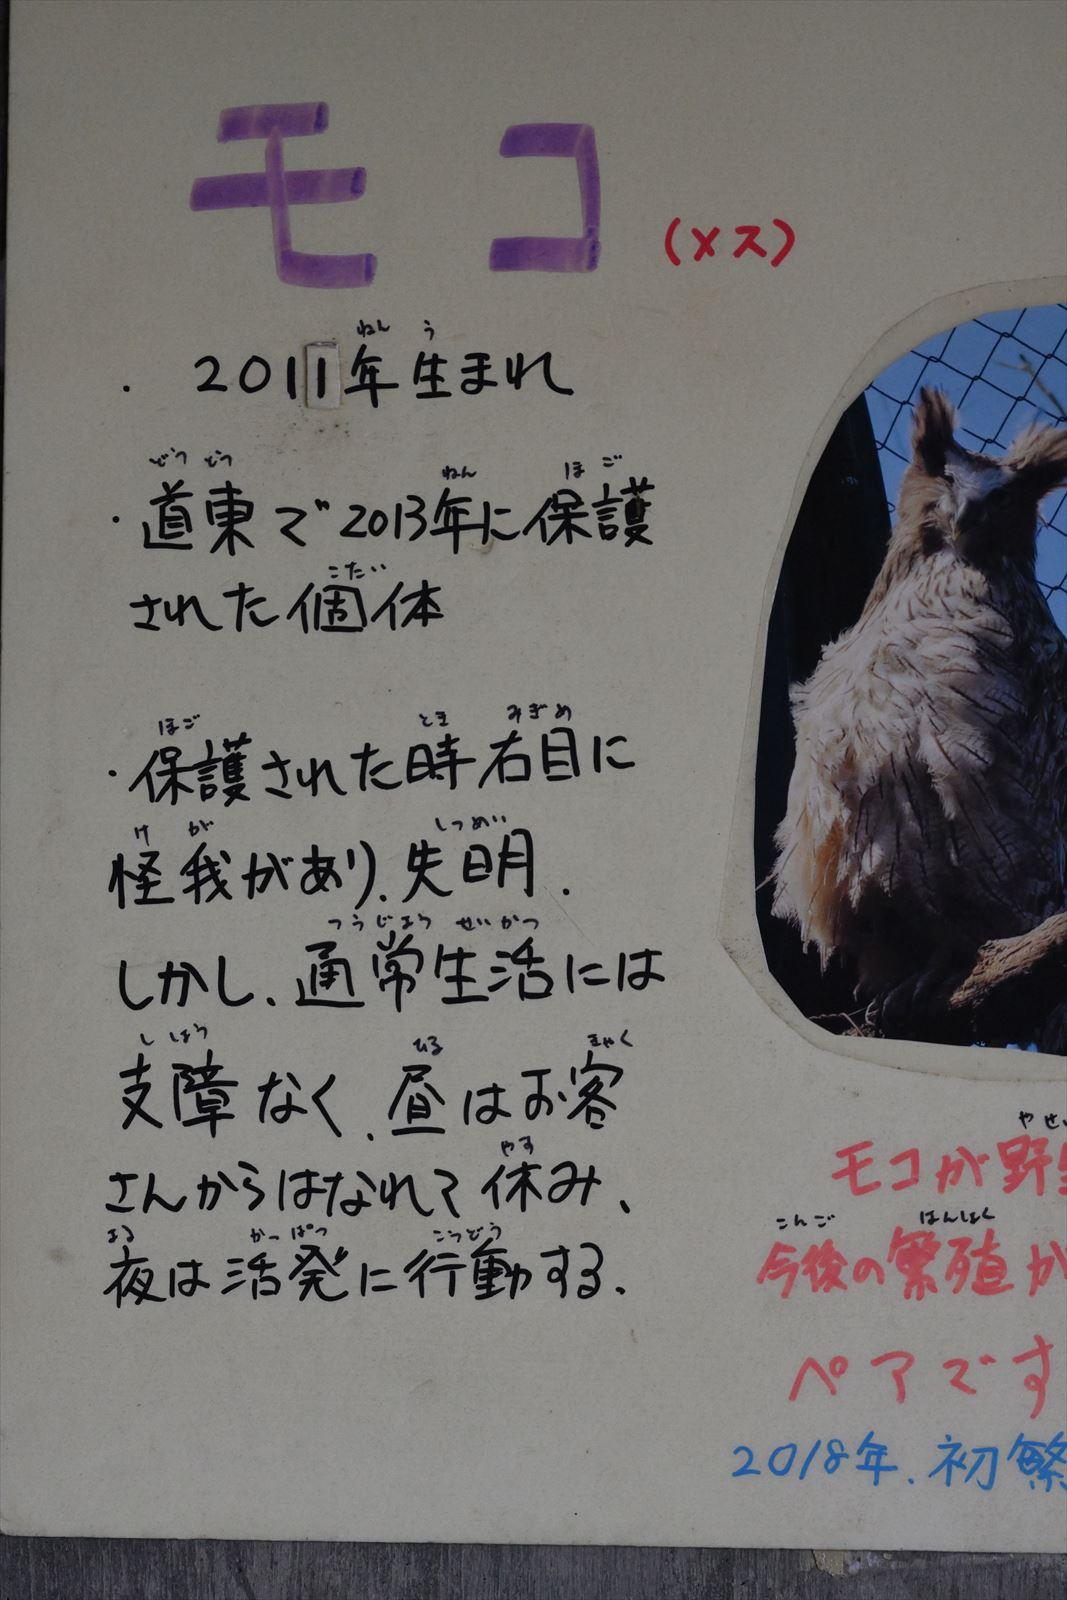 旭山動物園 2019.9.16 その2_a0145819_17314843.jpg